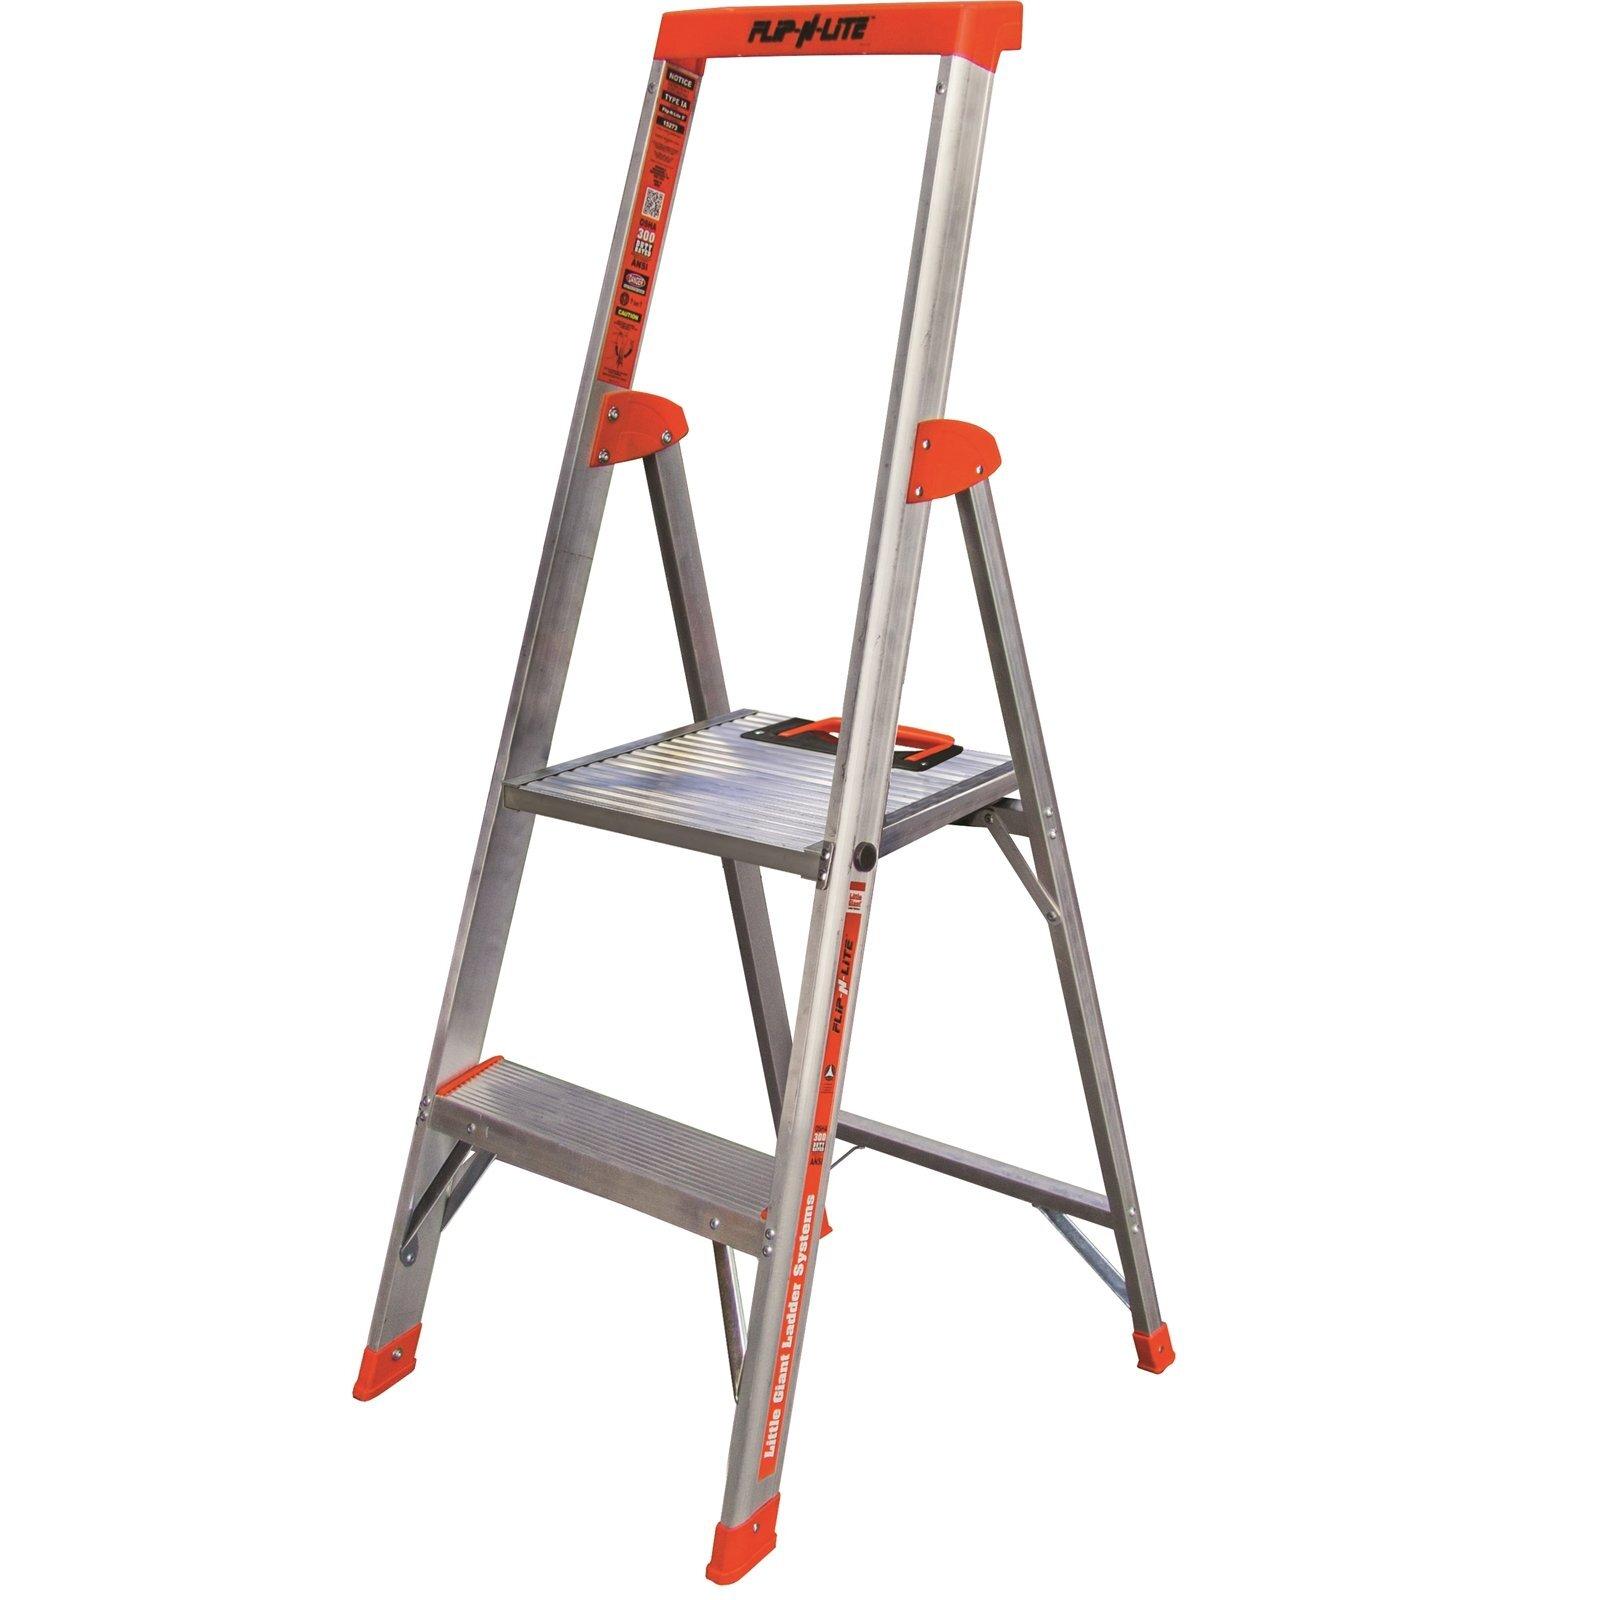 Little Giant 4ft 2 Step Flip-N-Lite Step Platform Ladder